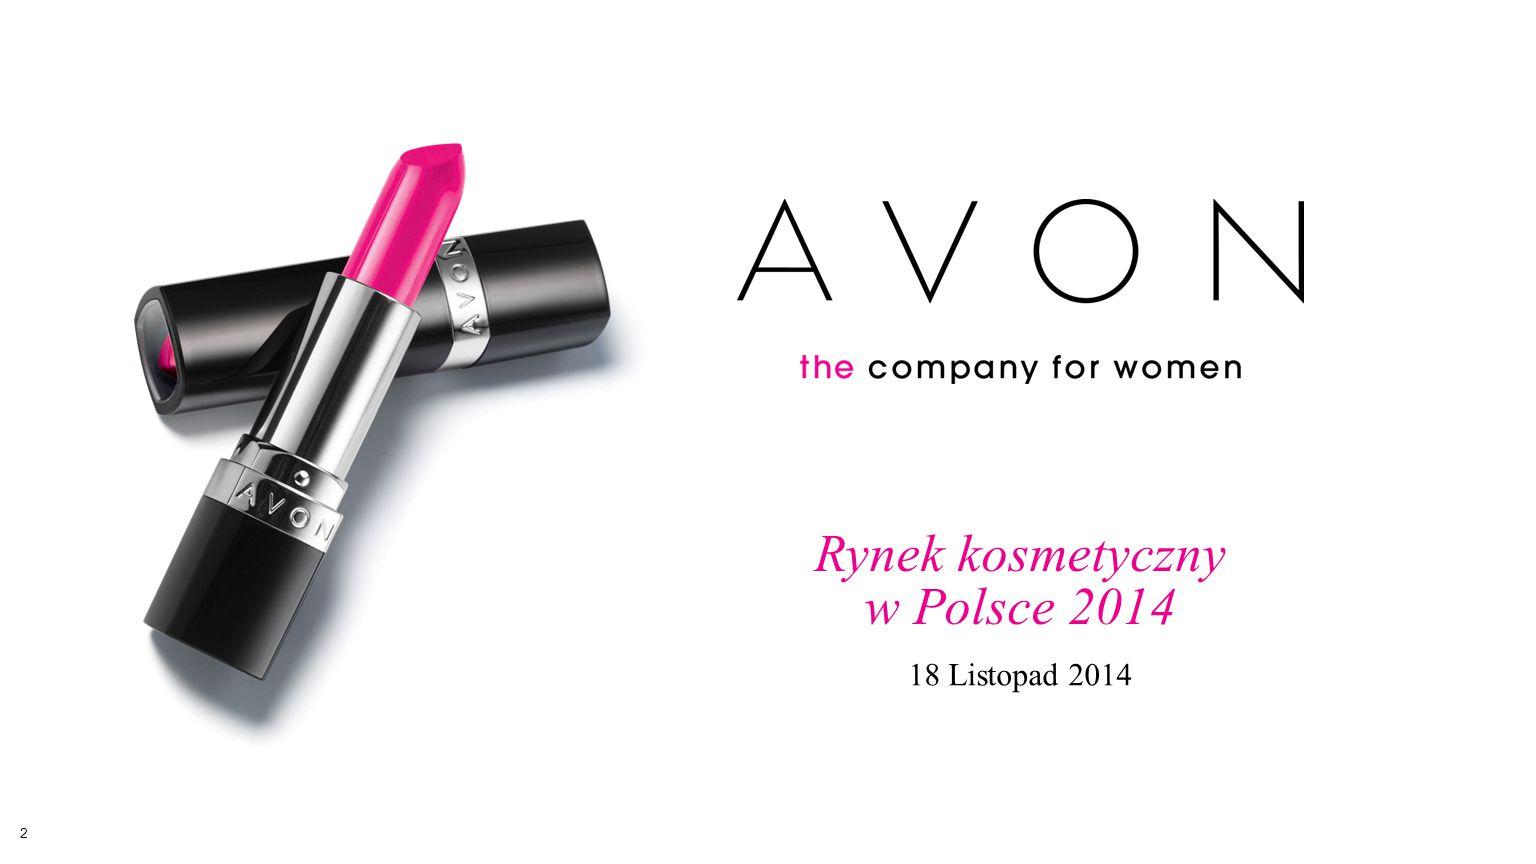 Rynek kosmetyczny w Polsce 2014